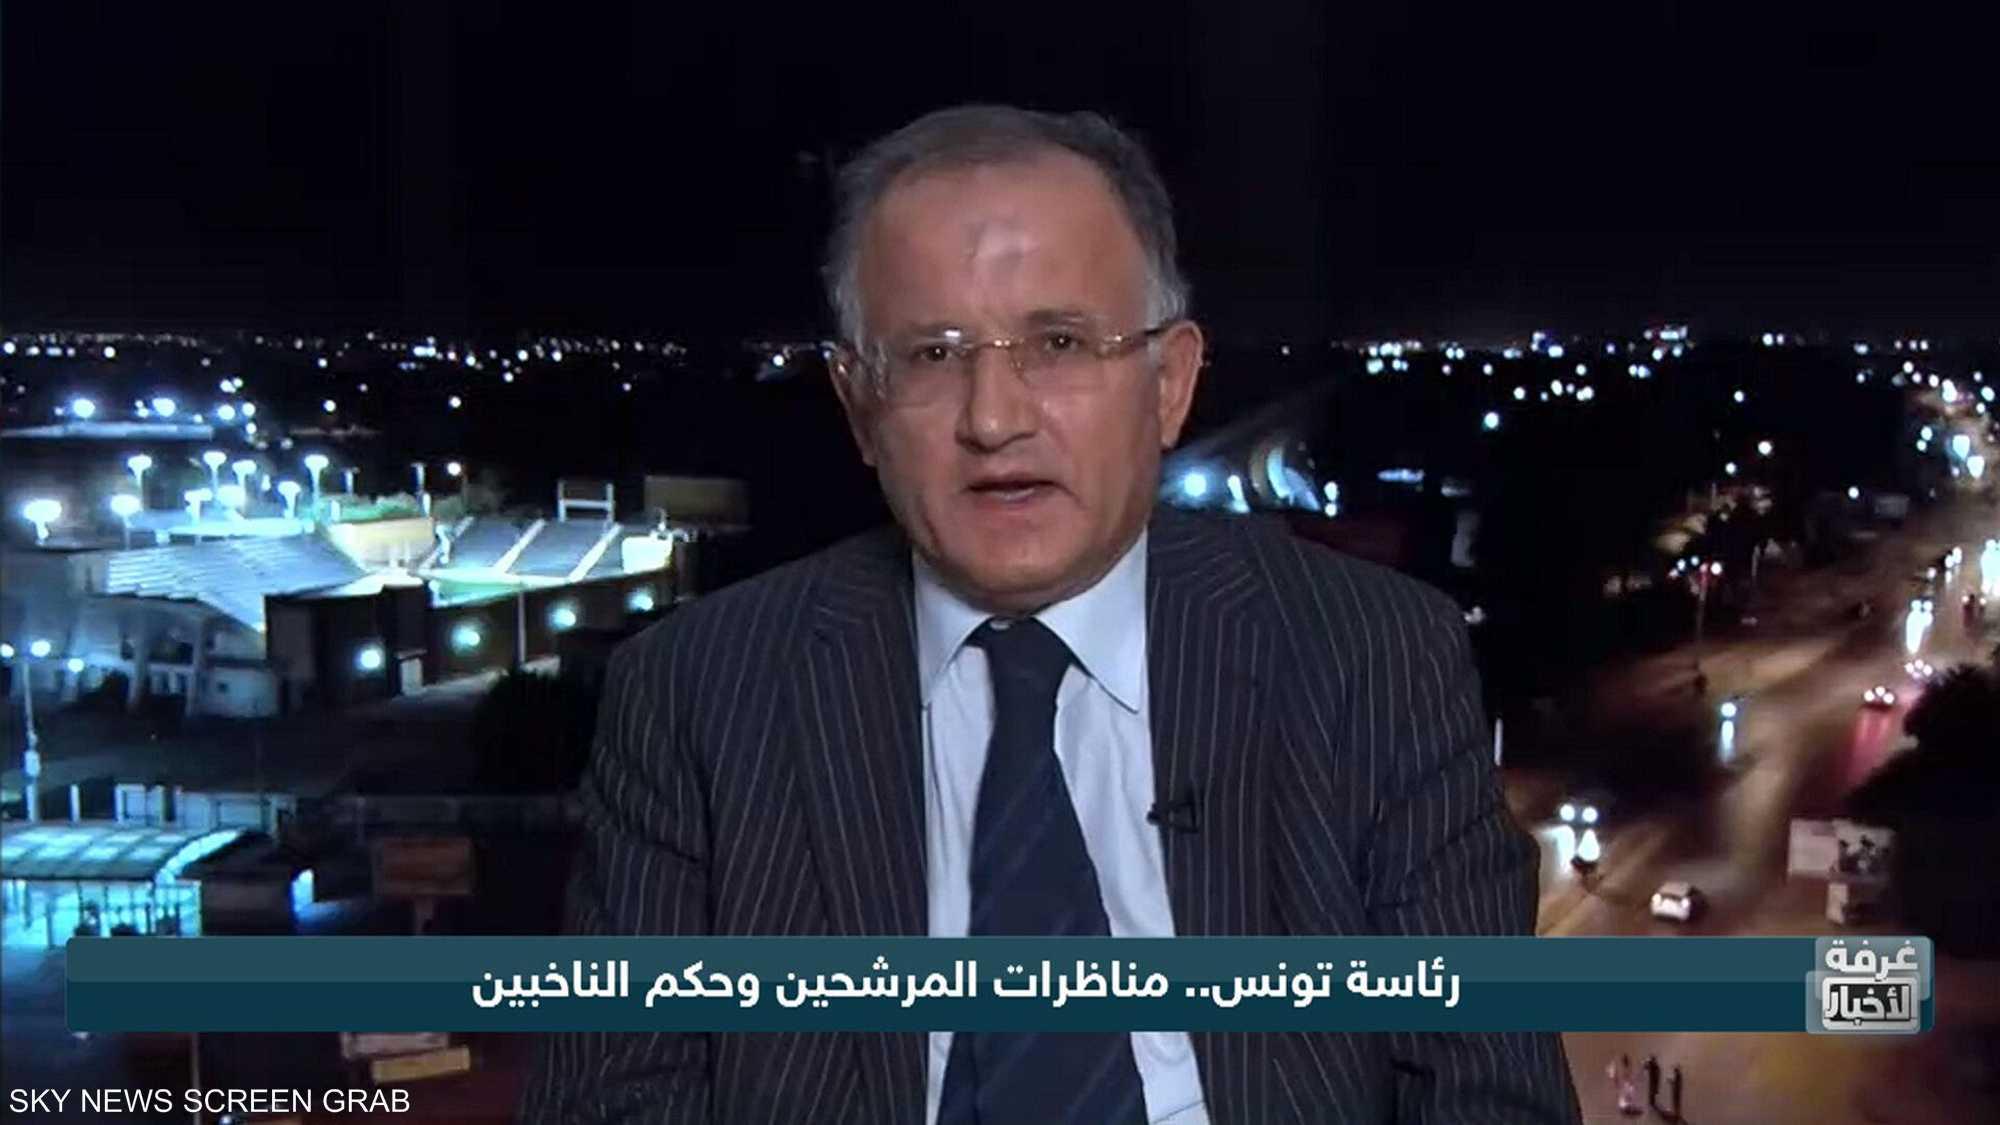 رئاسة تونس.. مناظرات المرشحين وحكم الناخبين